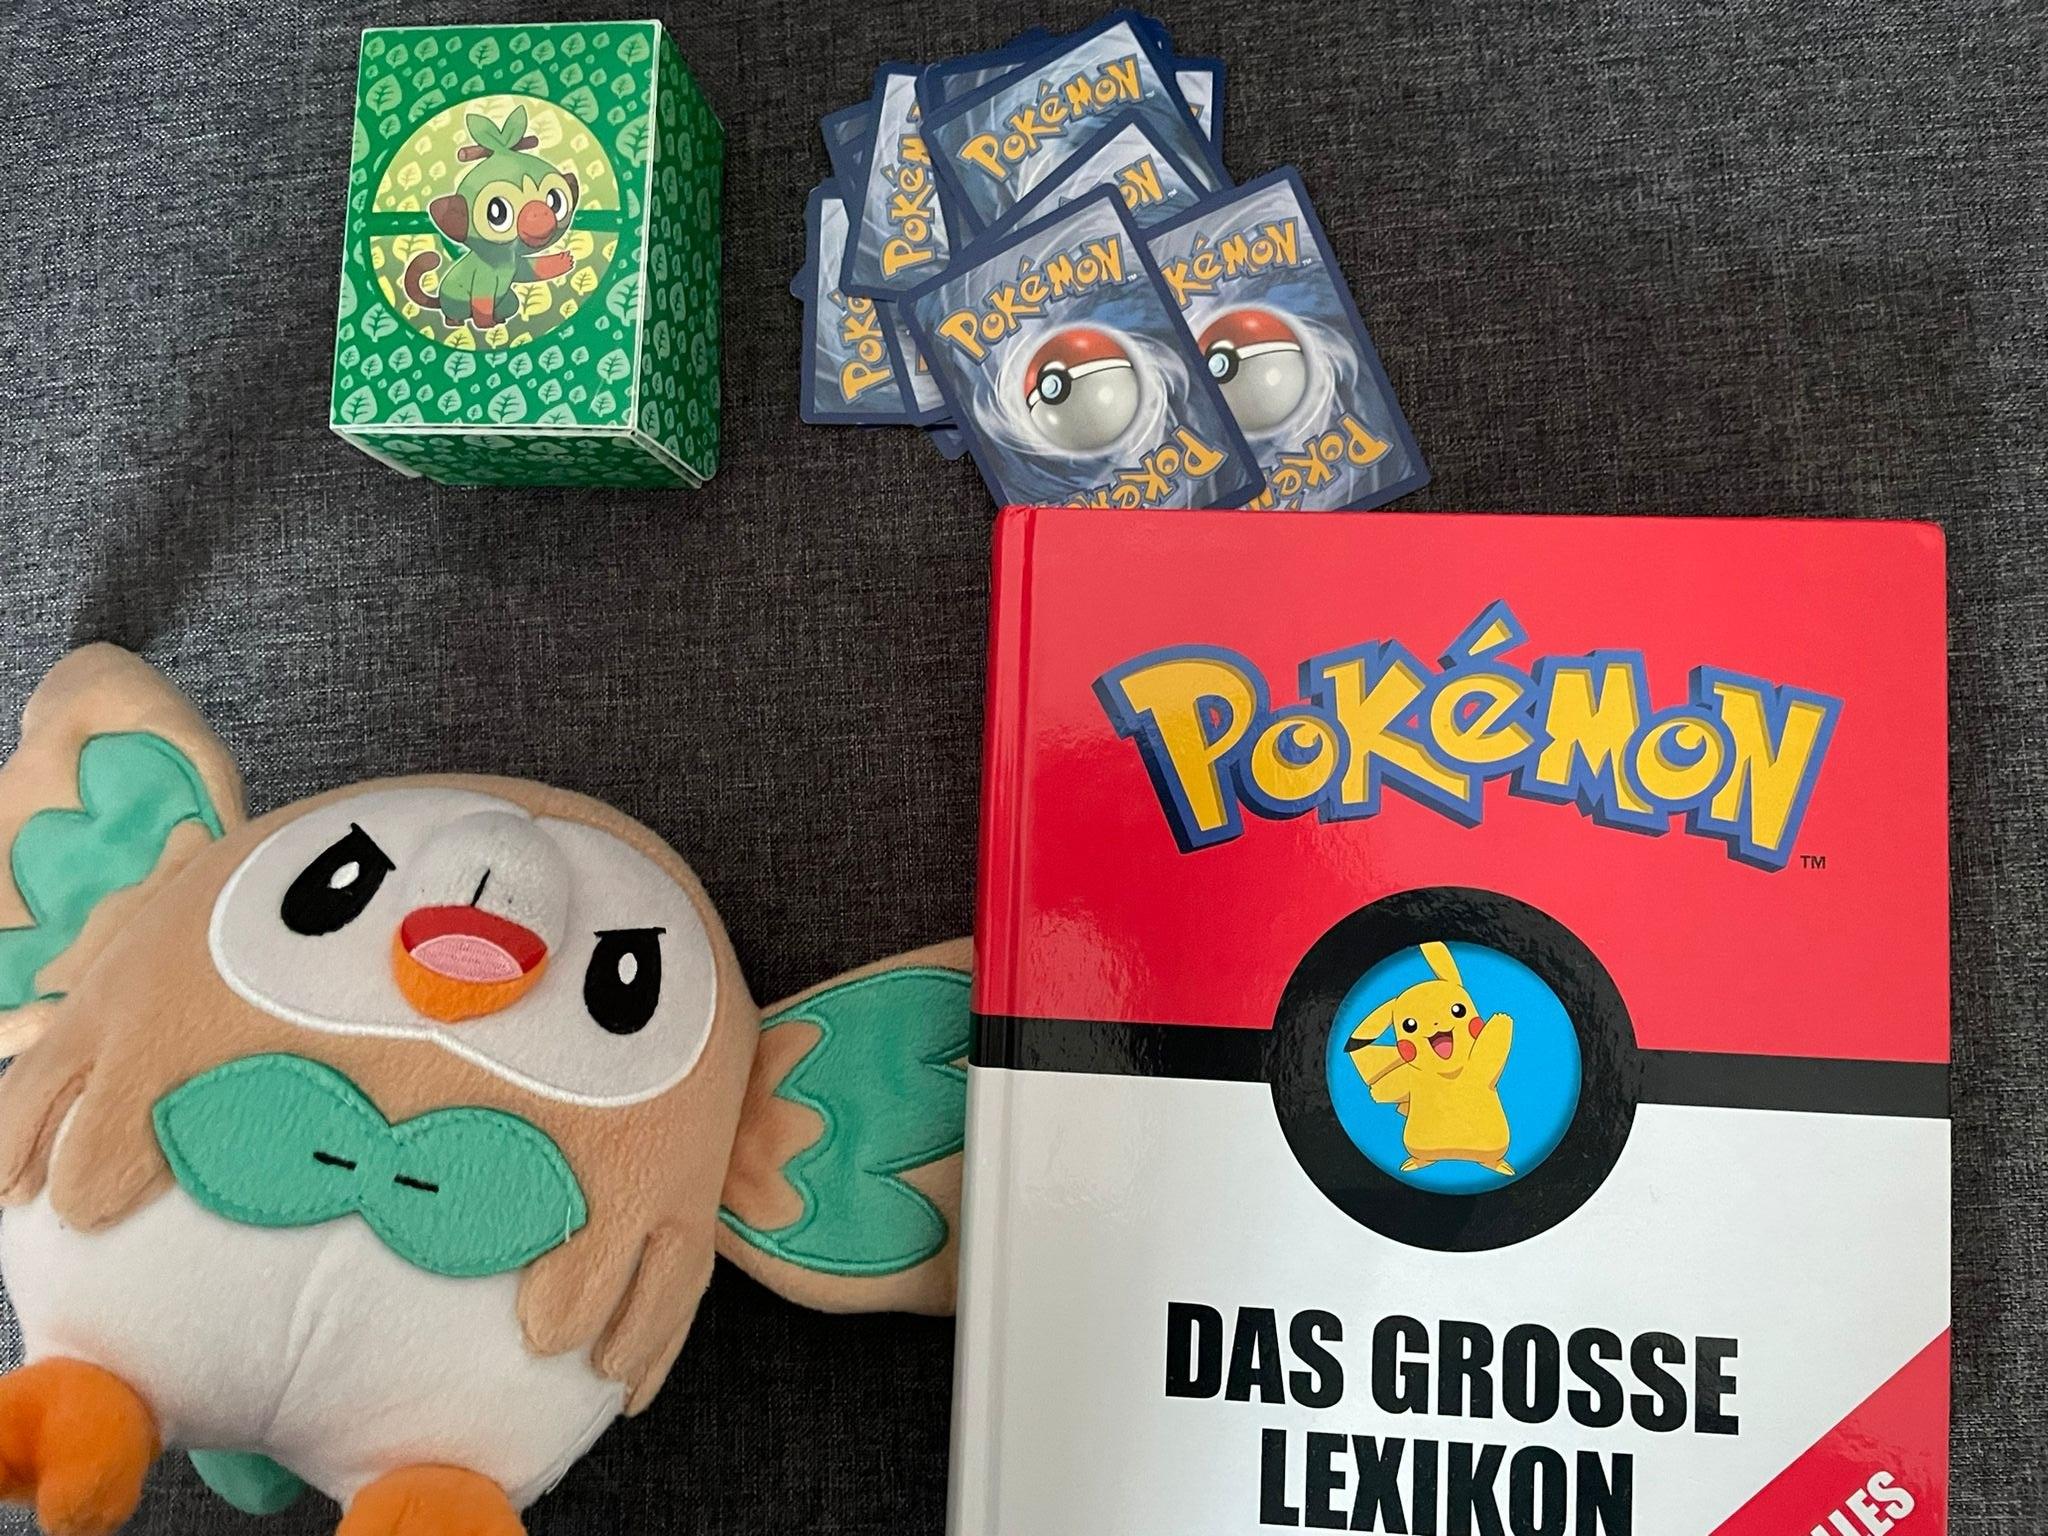 Pokémon für Kinder - wie geht man damit um? Wichtige Tipps für Eltern